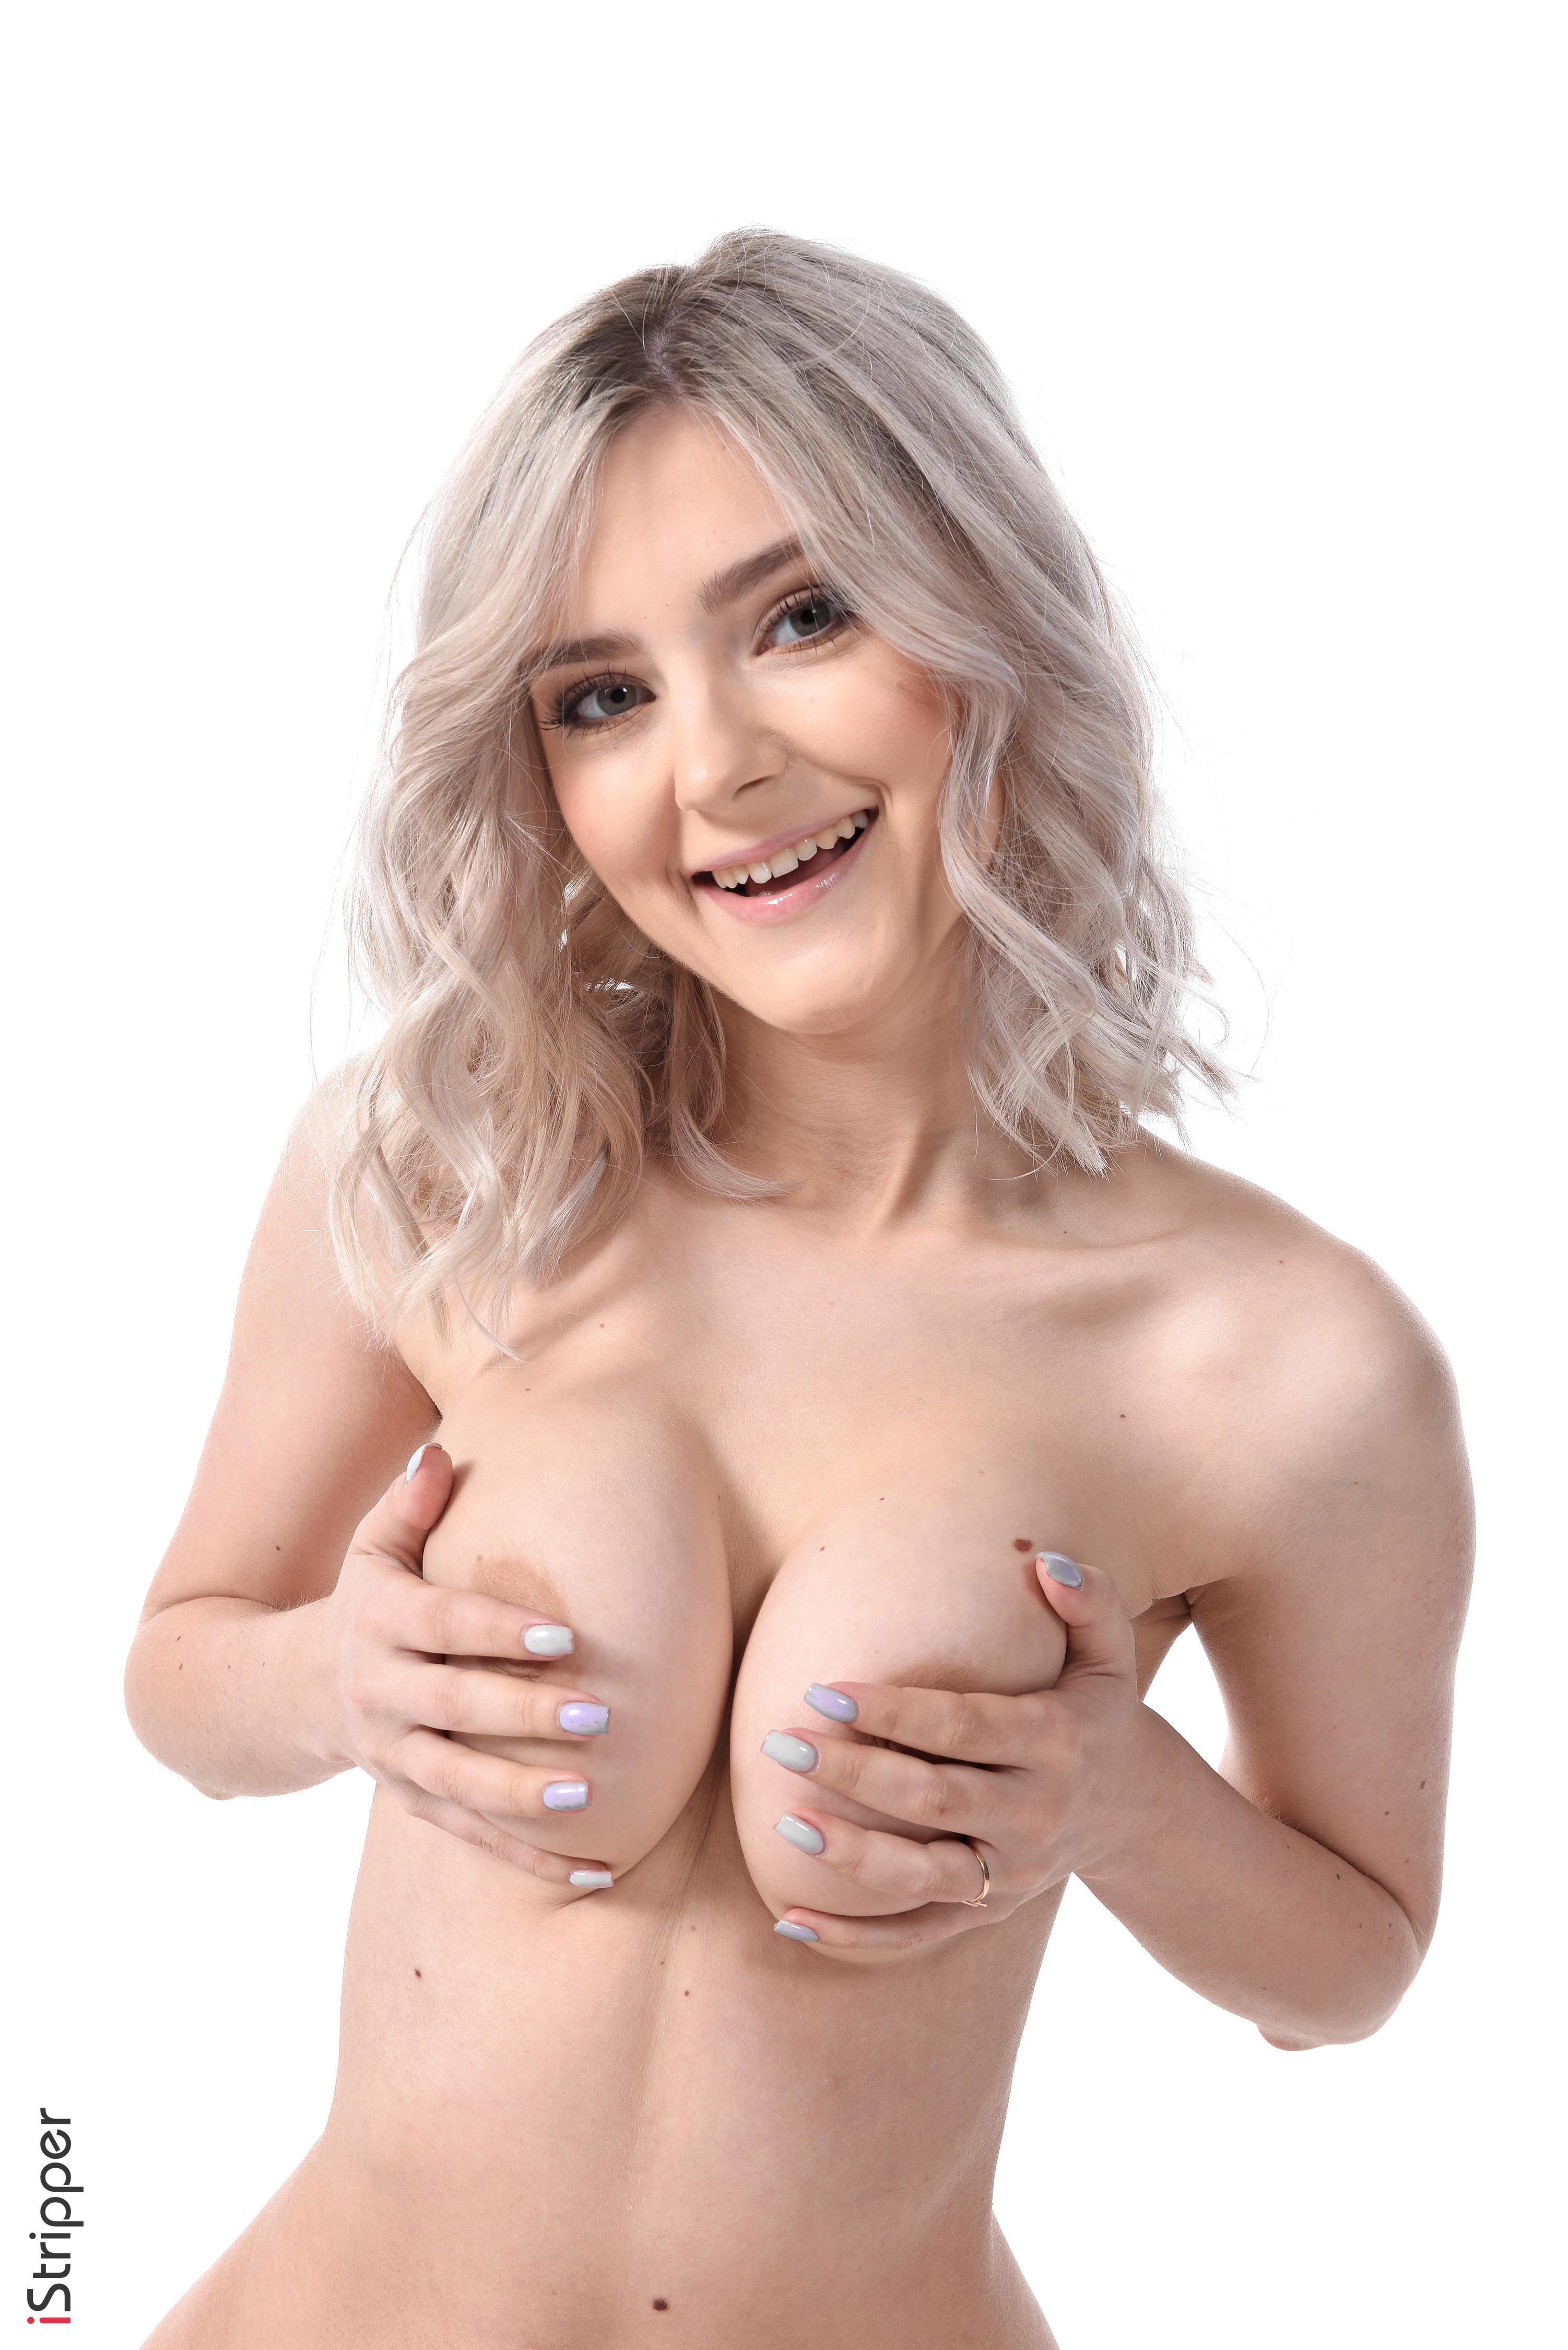 vagina close up photos